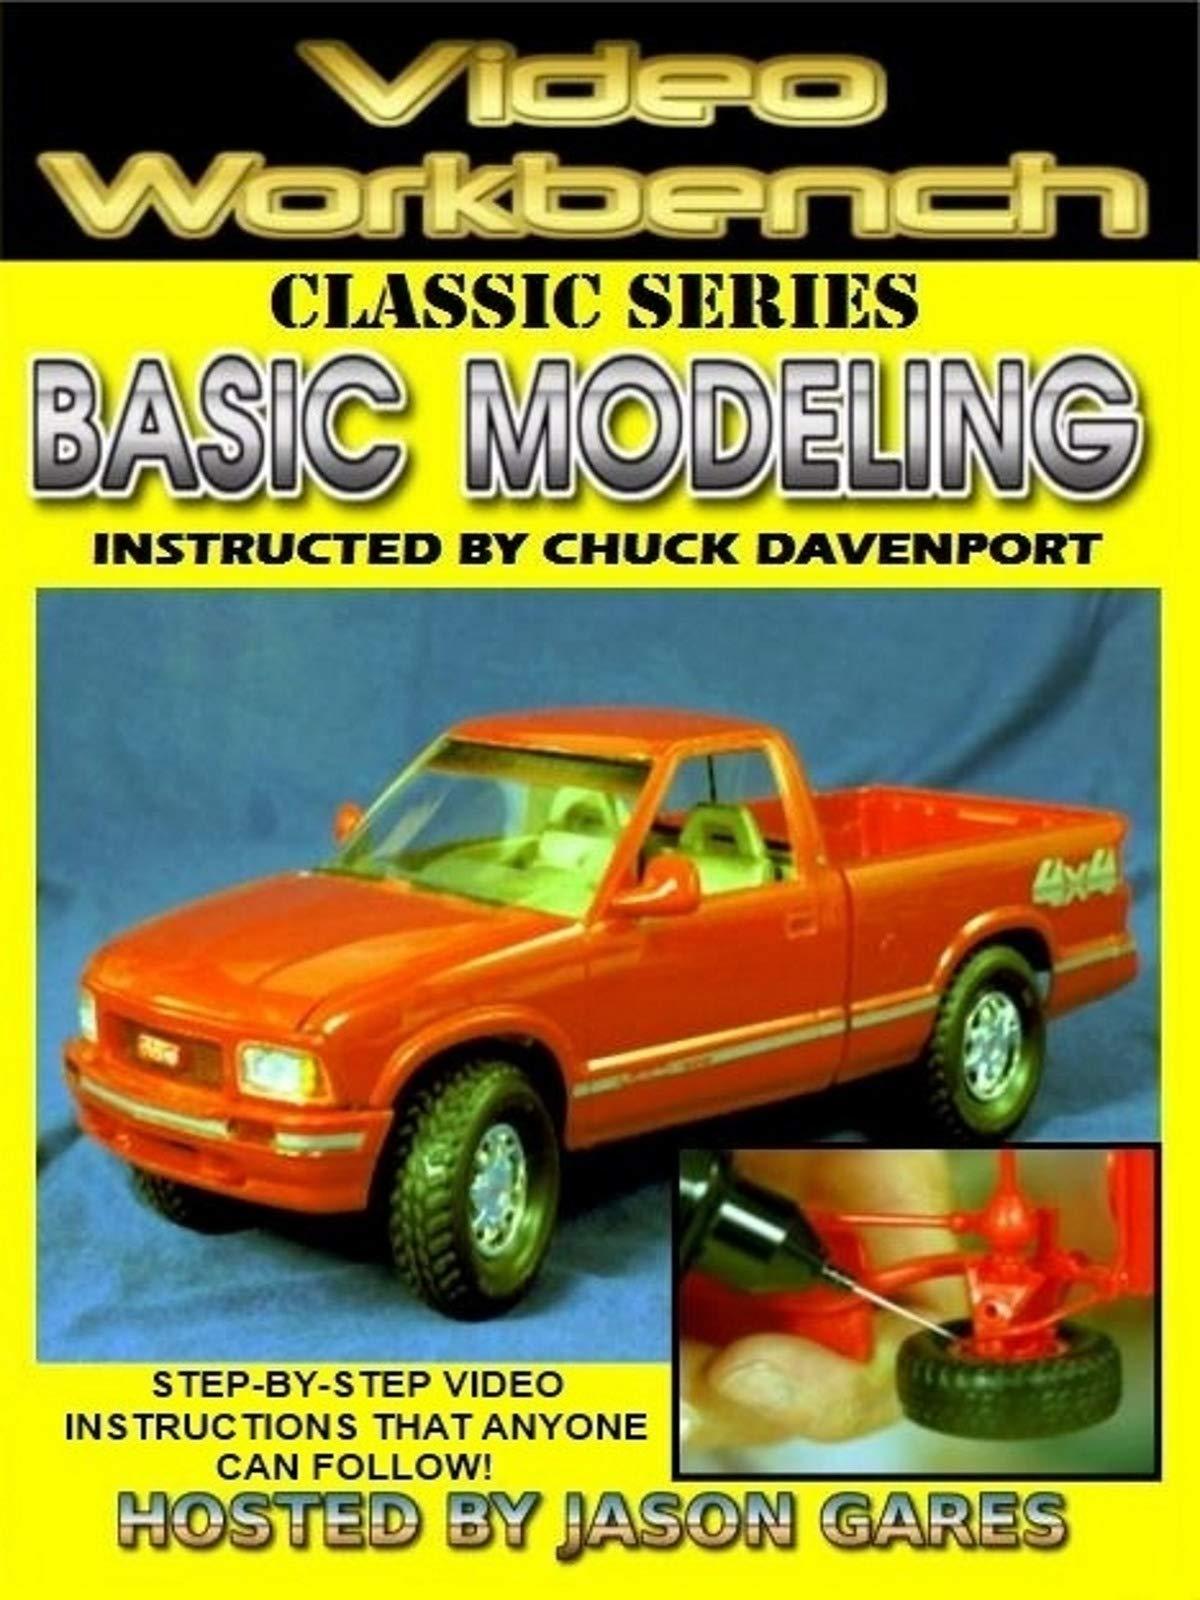 Video Workbench: Basic Modeling